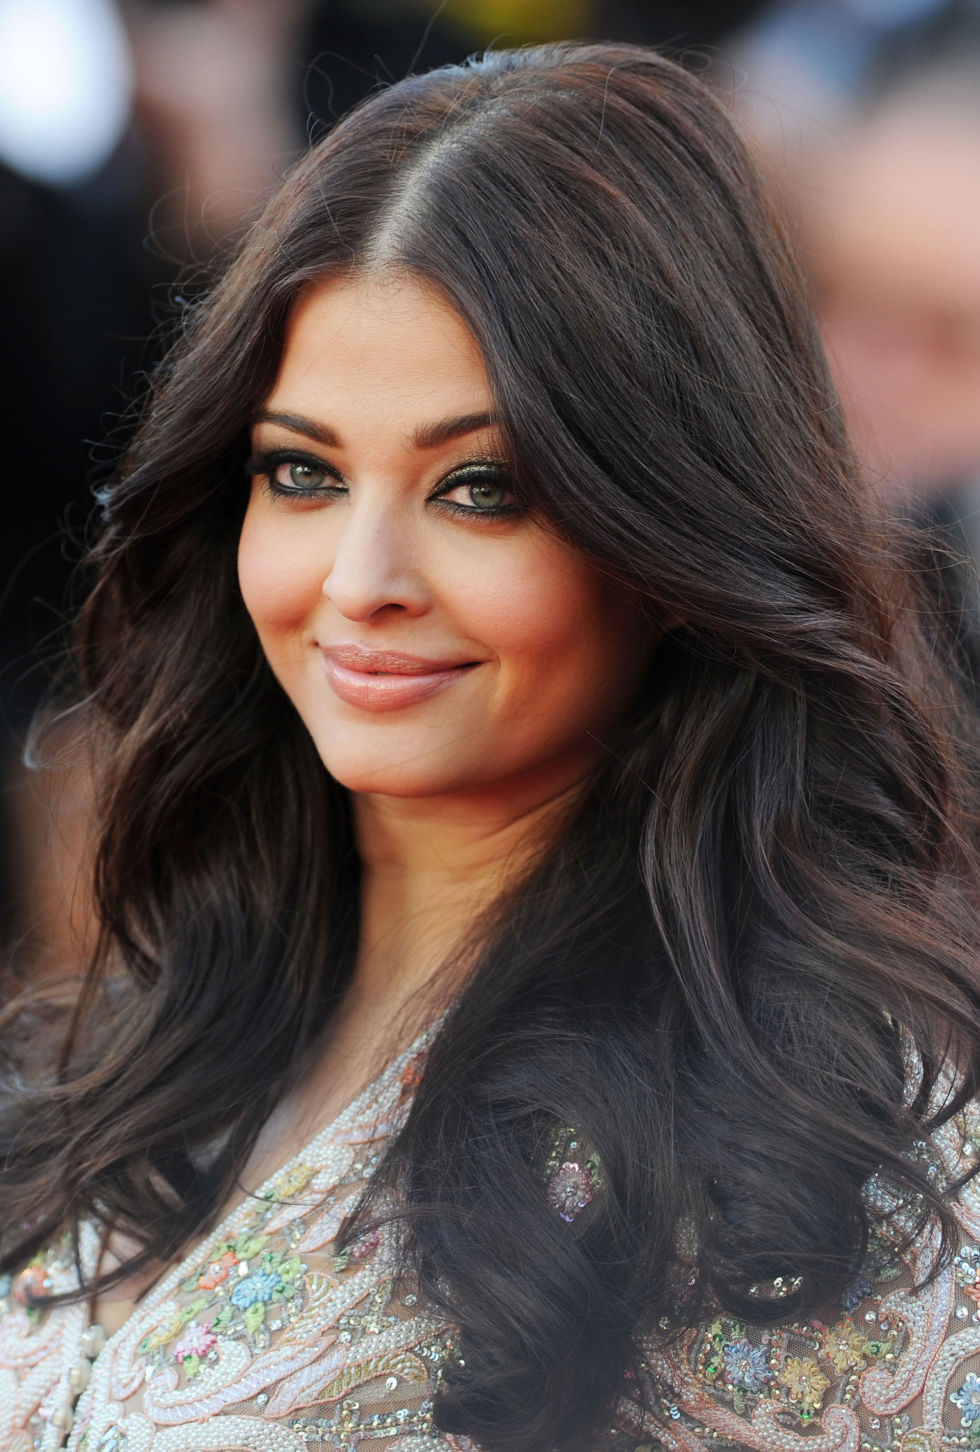 Inspire-se com diferentes penteados elegantes de estrelas indianas